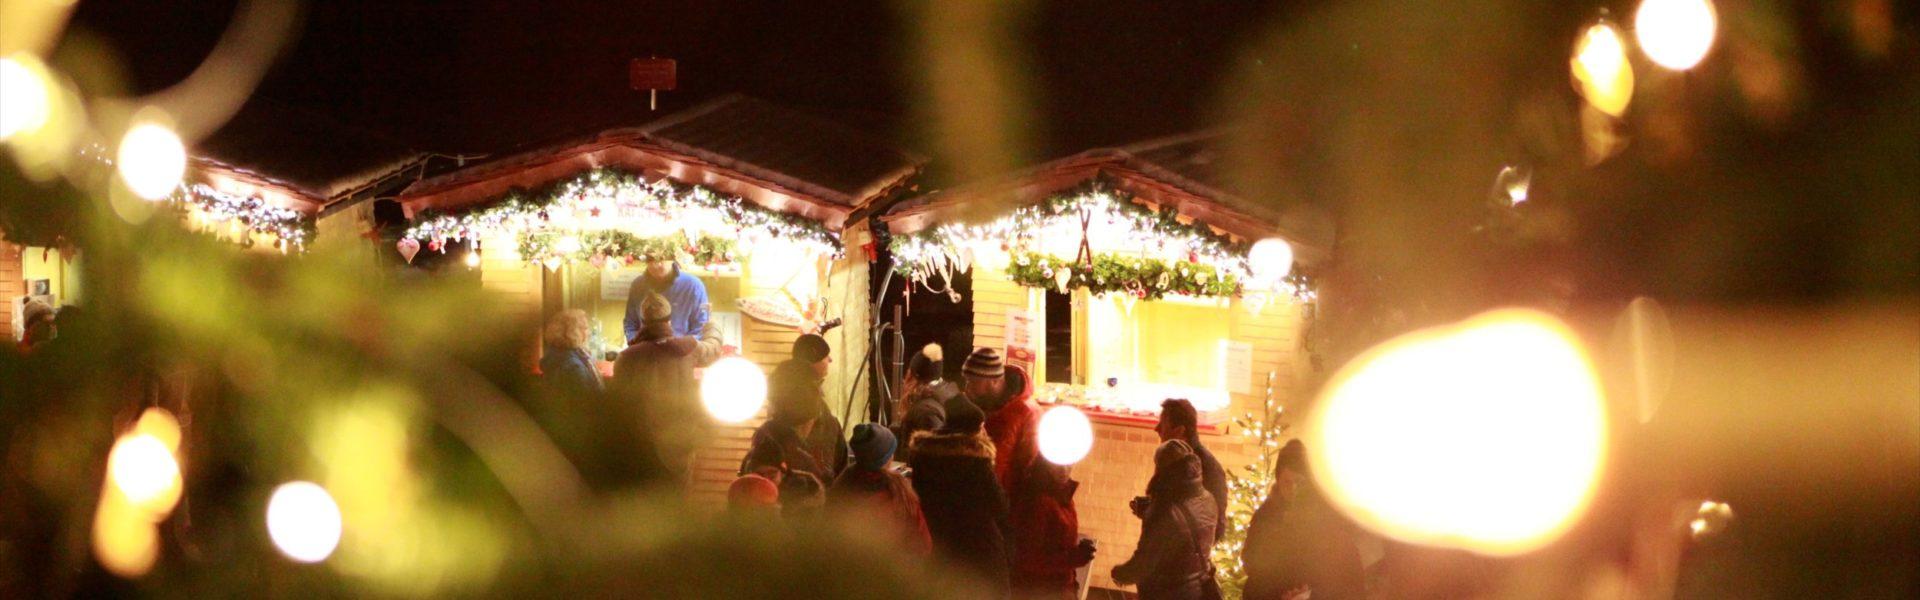 Weihnachtsmarkt in Zug, Lech am Arlberg © Lech Zürs Tourismus GmbH